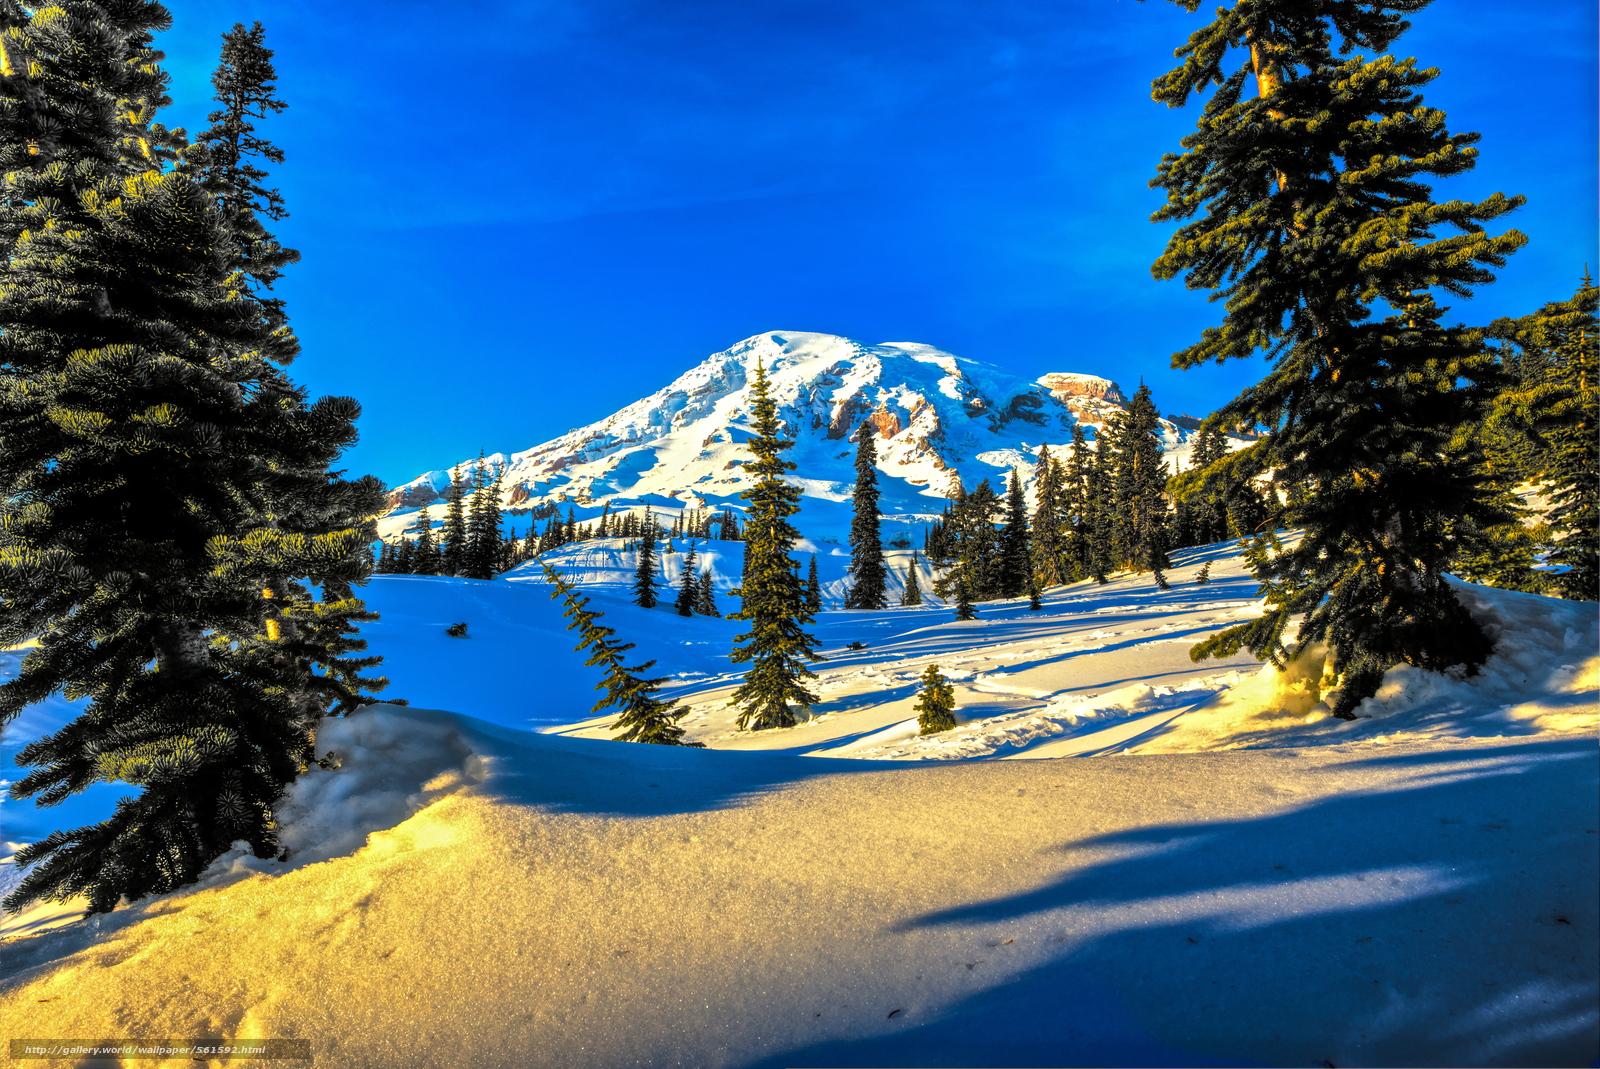 Scaricare gli sfondi alberi inverno montagna paesaggio for Sfondi desktop inverno montagna